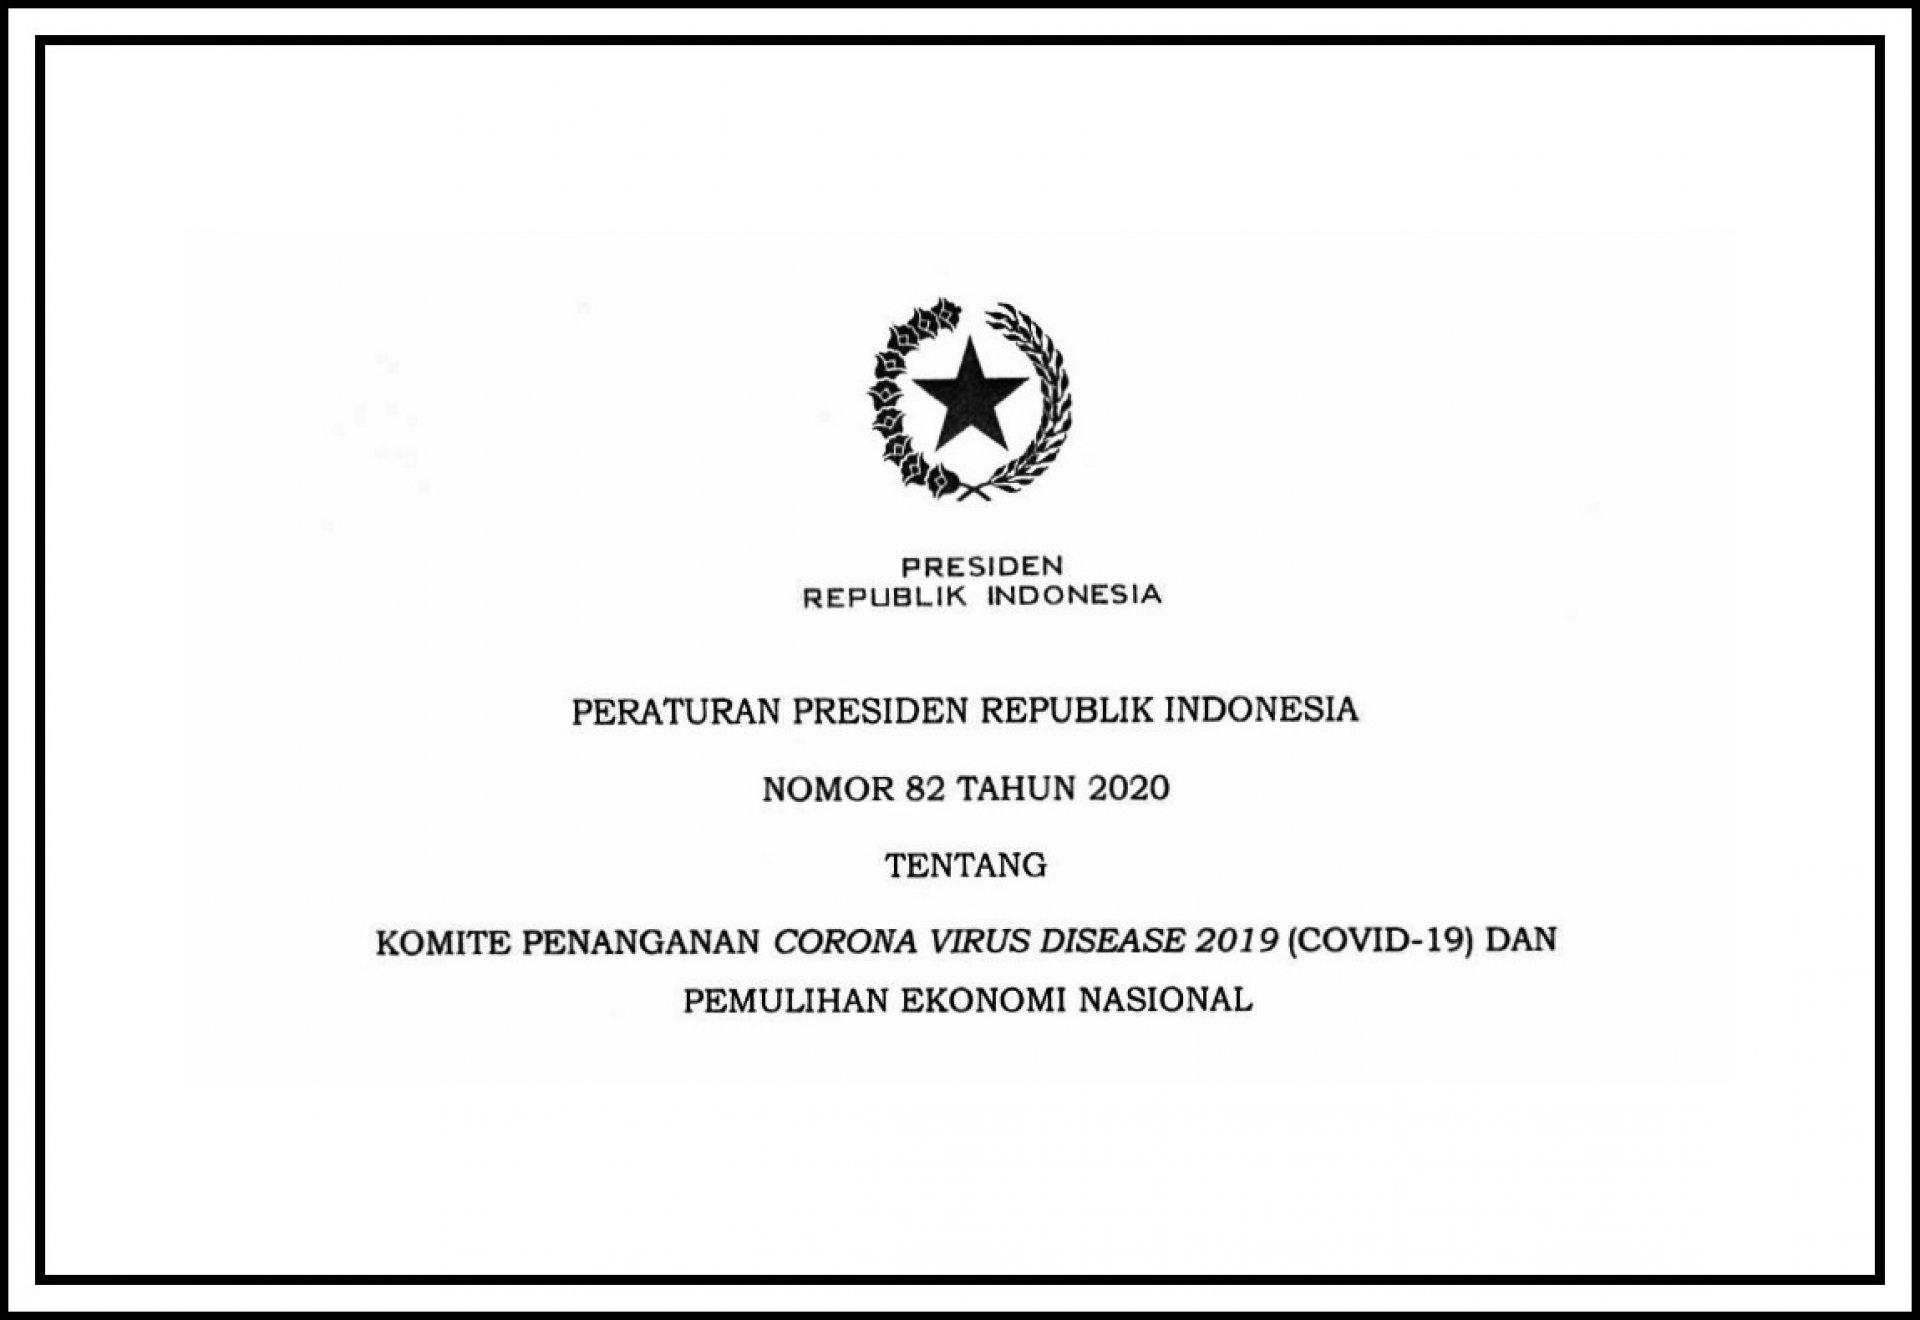 PERATURAN PRESIDEN NOMOR 82 TAHUN 2020 TENTANG KOMITE PENANGANAN COVID-19 DAN PEMULIHAN EKONOMI NASIONAL